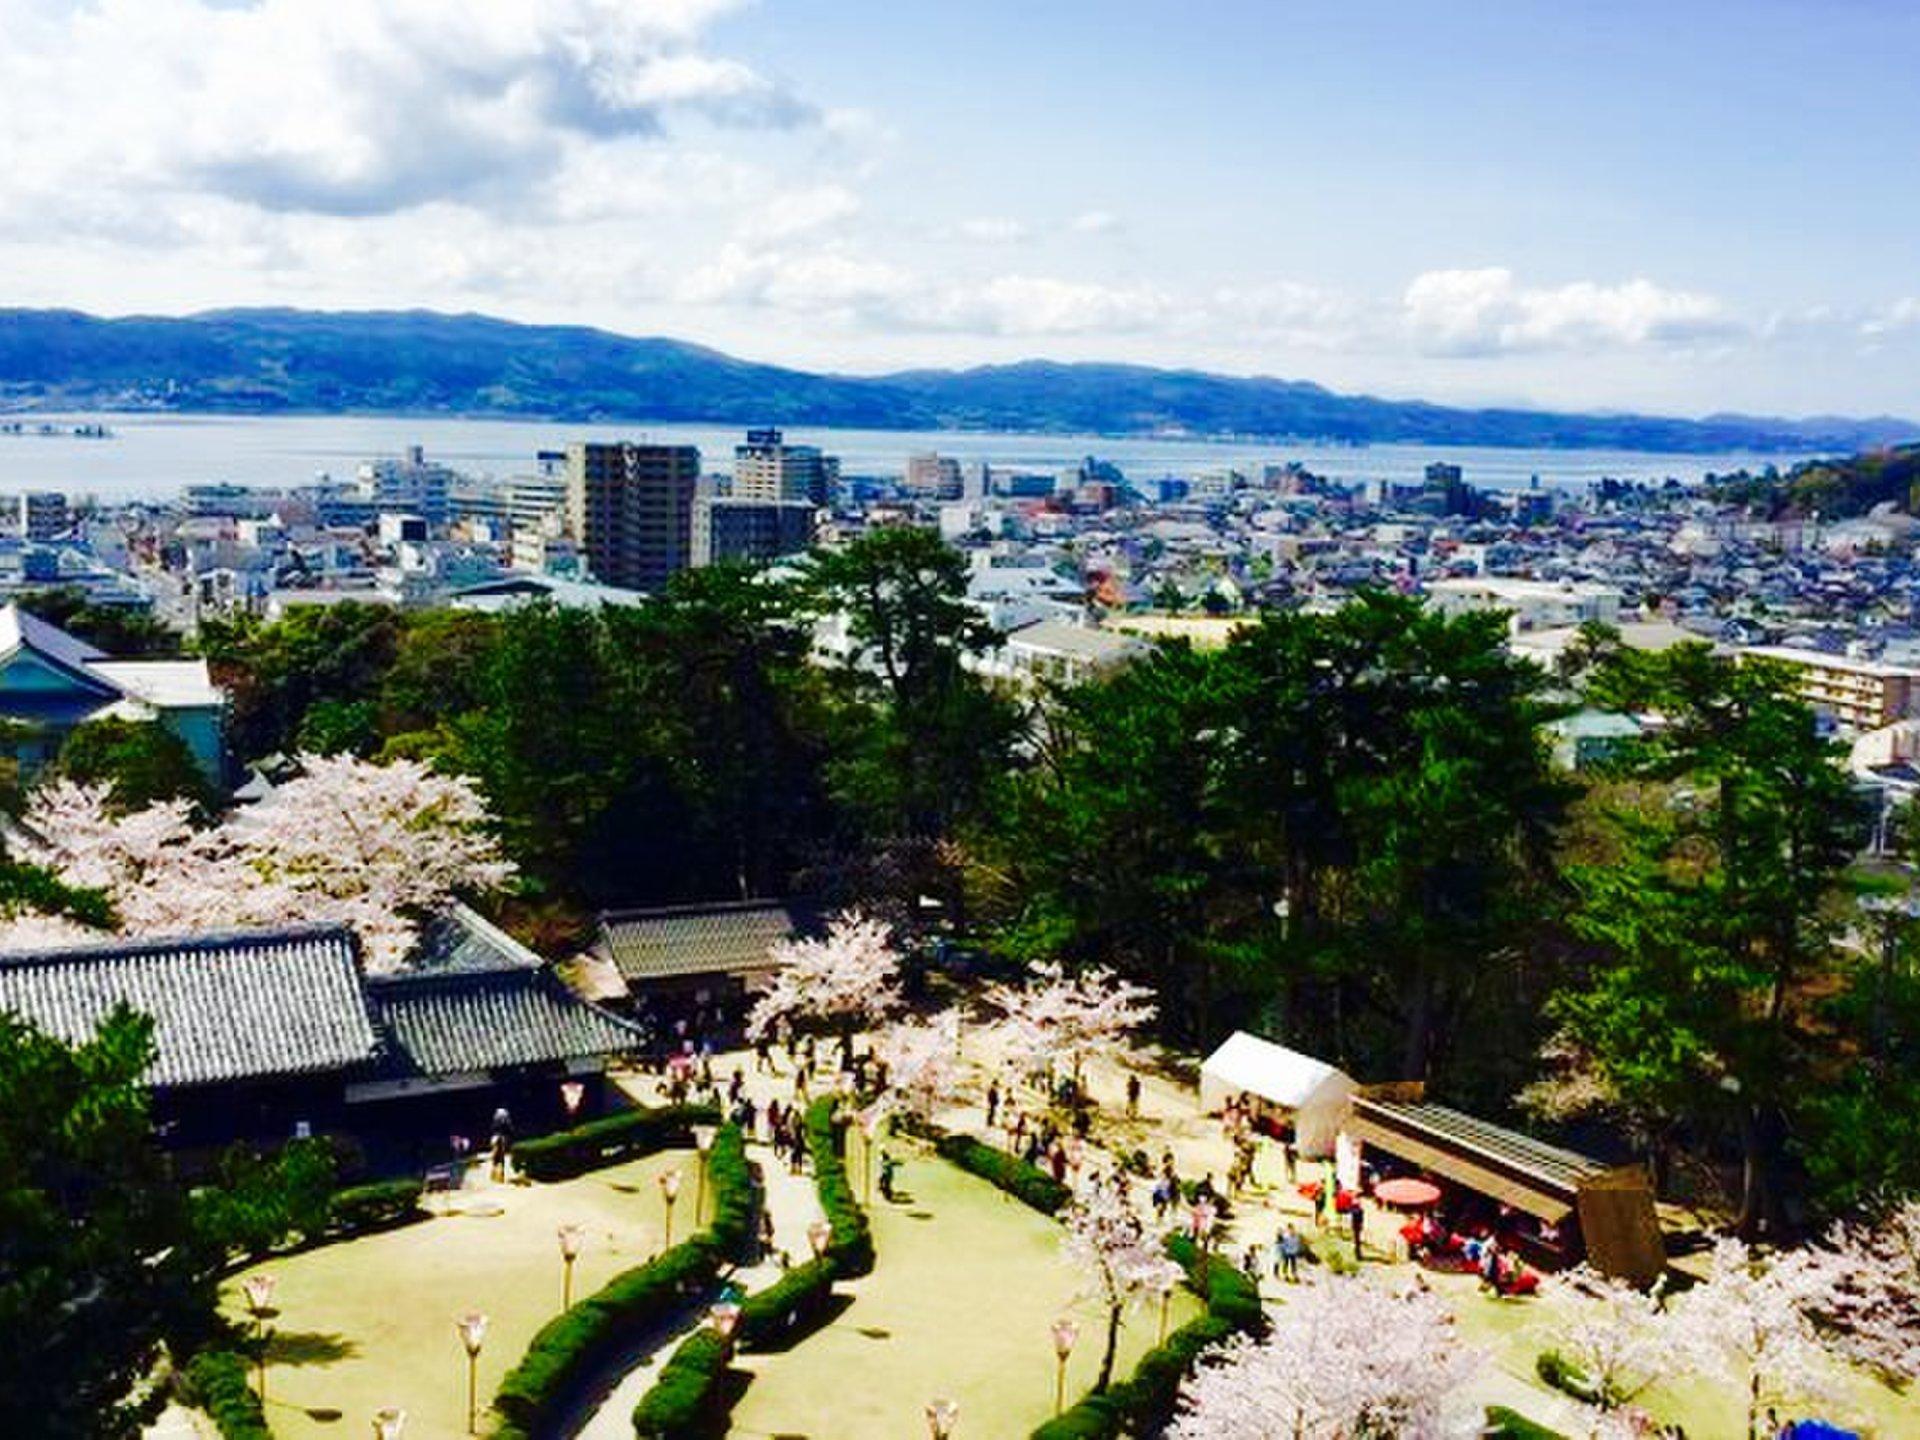 【春になったら行きたい】城×桜!全国のお城と桜が美しいおすすめスポット6選